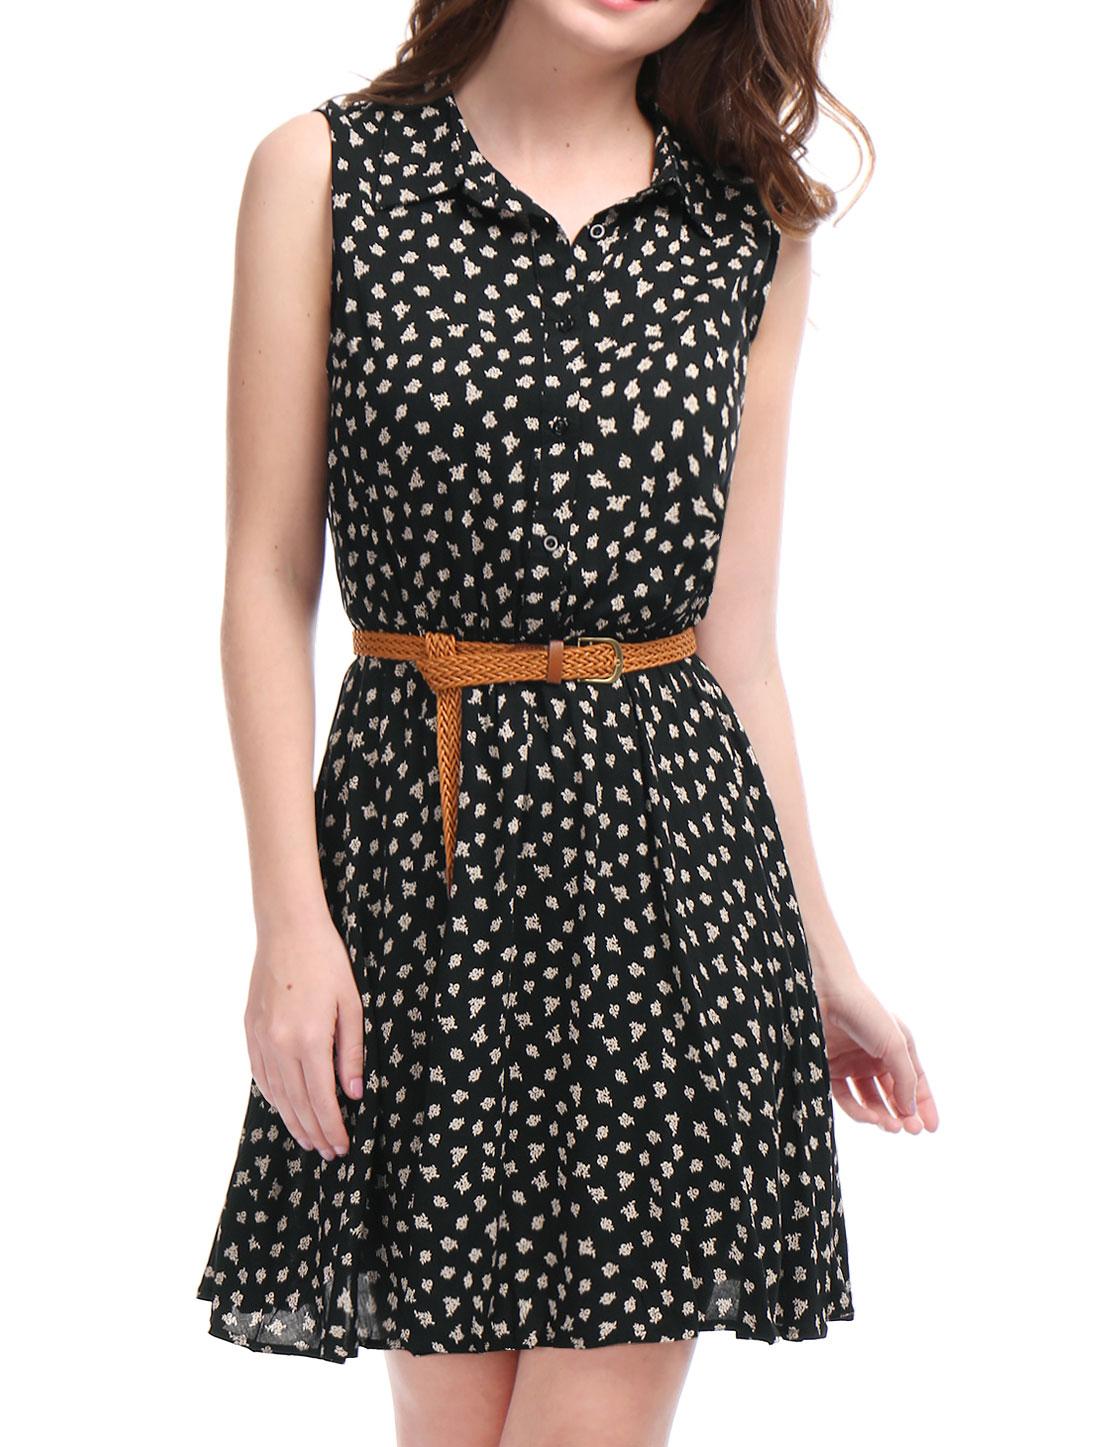 b2a9486e2bb96 Allegra K Ladies Printed Button Closure Upper Sleeveless Belted Shirt Dress